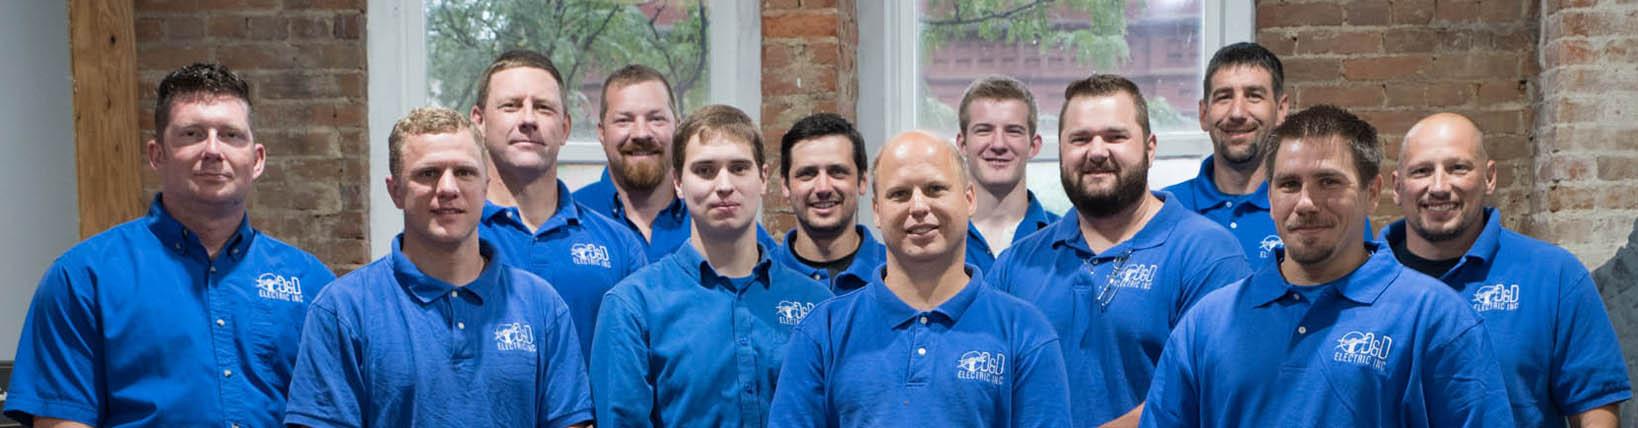 dd-electric-staff-3.jpg